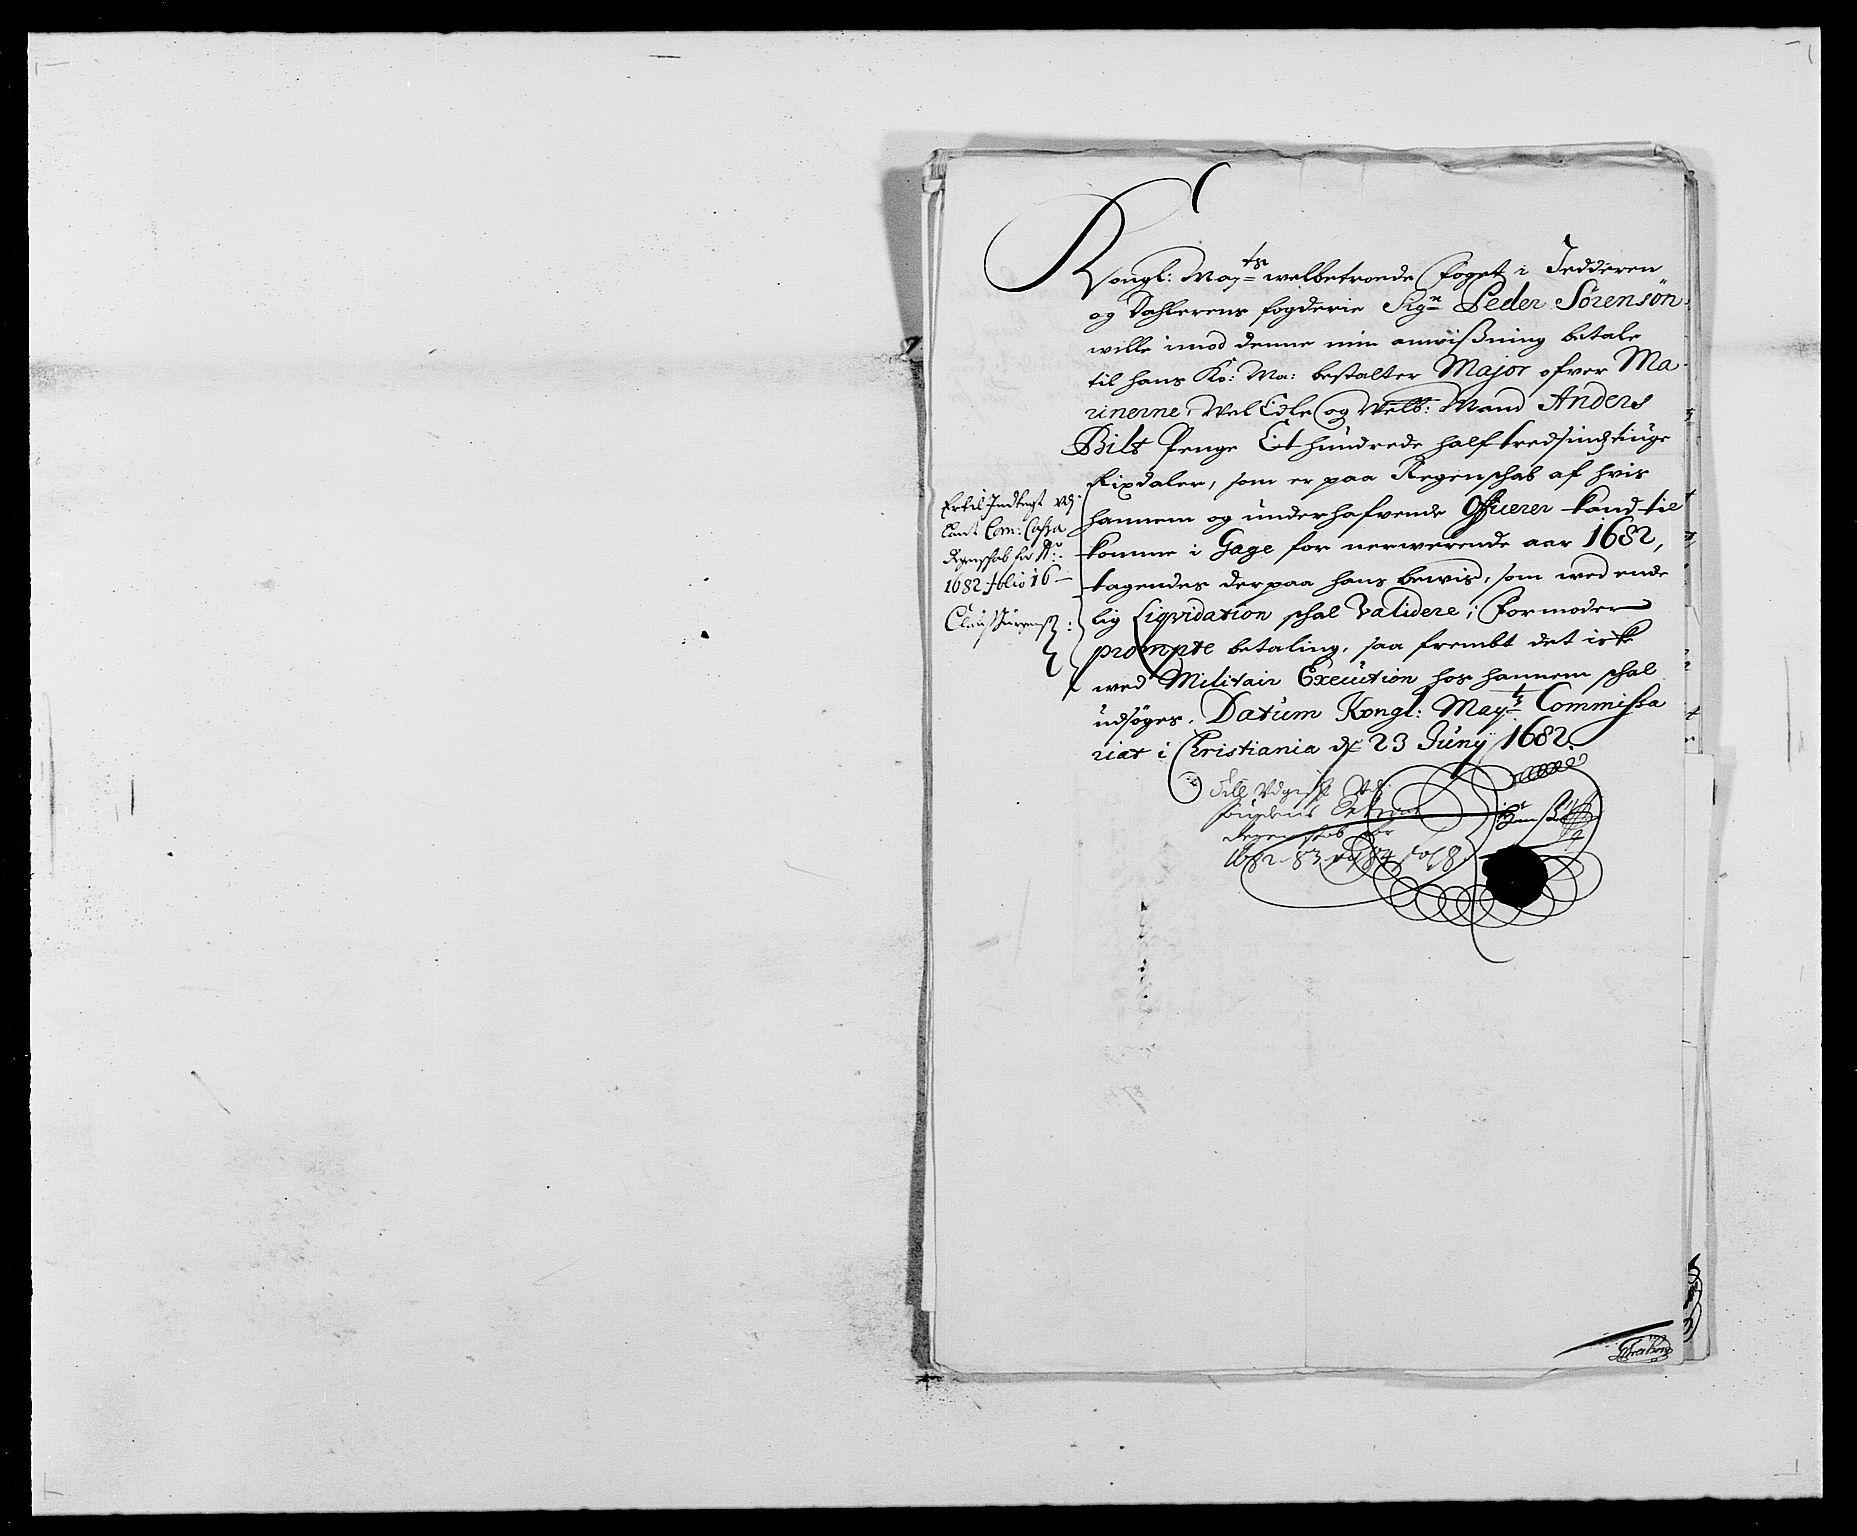 RA, Rentekammeret inntil 1814, Reviderte regnskaper, Fogderegnskap, R46/L2724: Fogderegnskap Jæren og Dalane, 1682-1684, s. 291